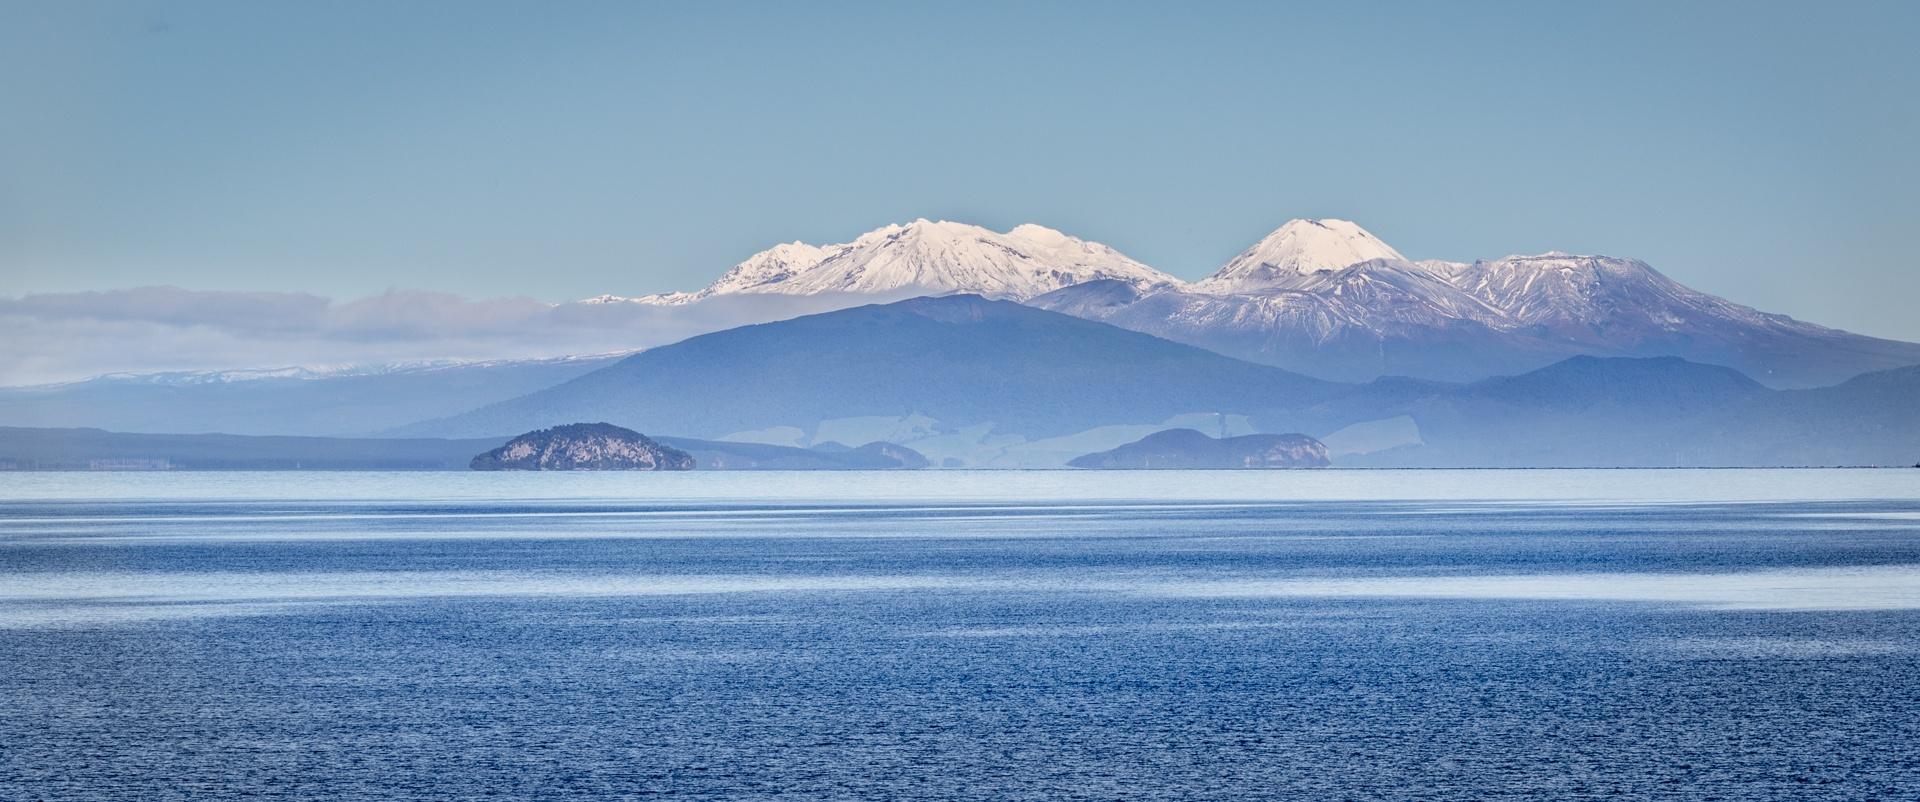 Mt Tongariro and Mt Ngauruhoe, NZ